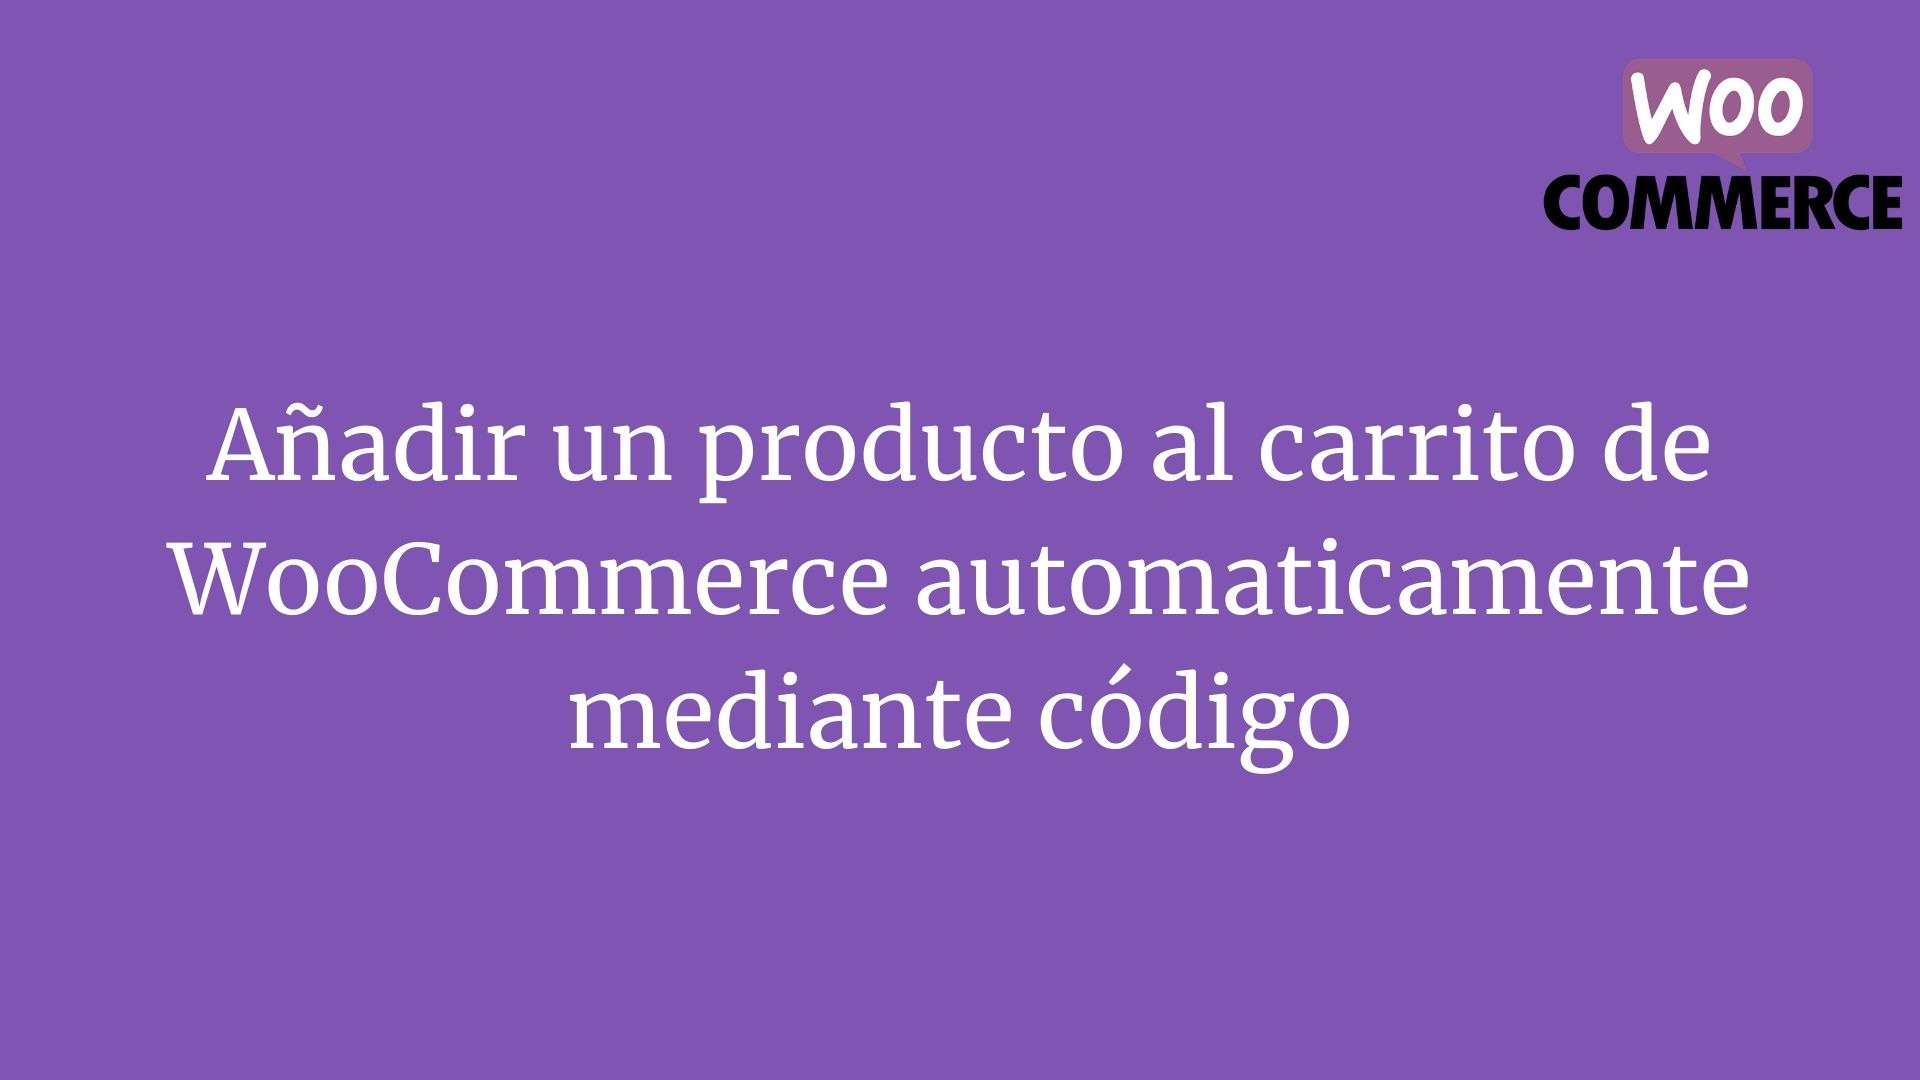 Añadir un producto al carrito de WooCommerce automaticamente mediante código